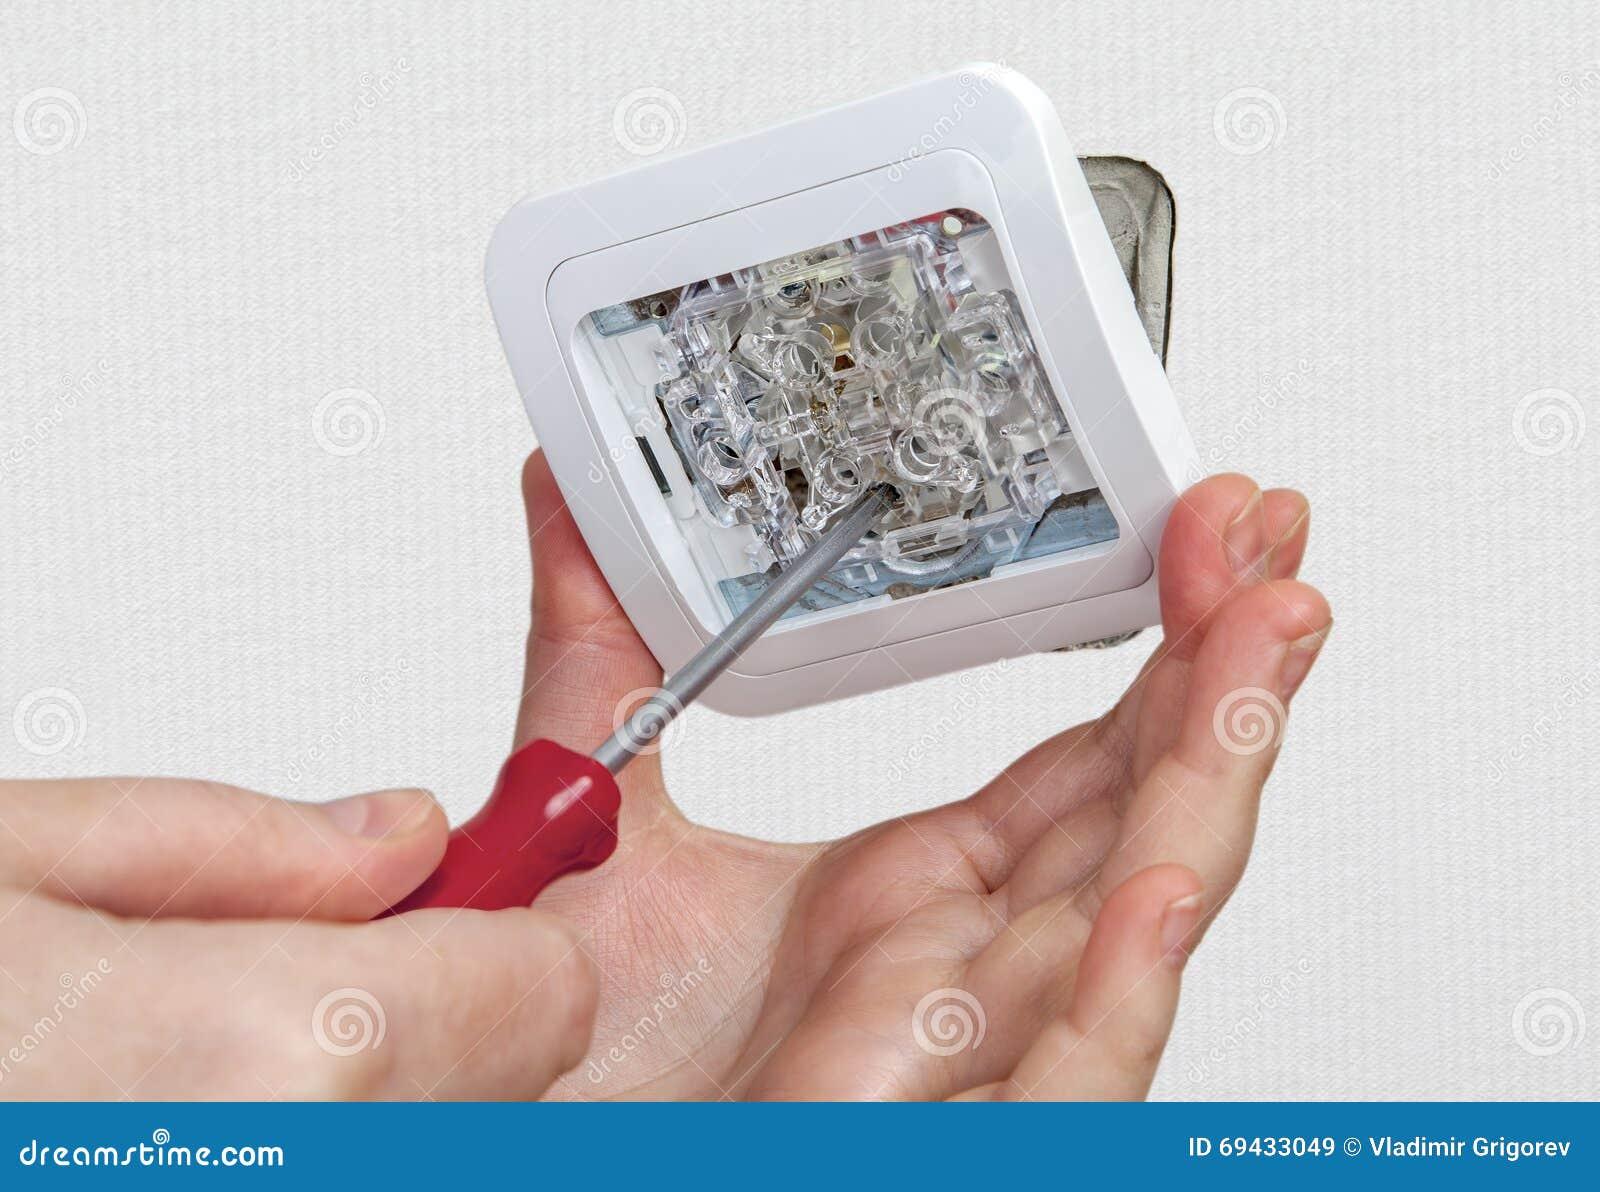 Come si fa a collegare un singolo interruttore luce palo